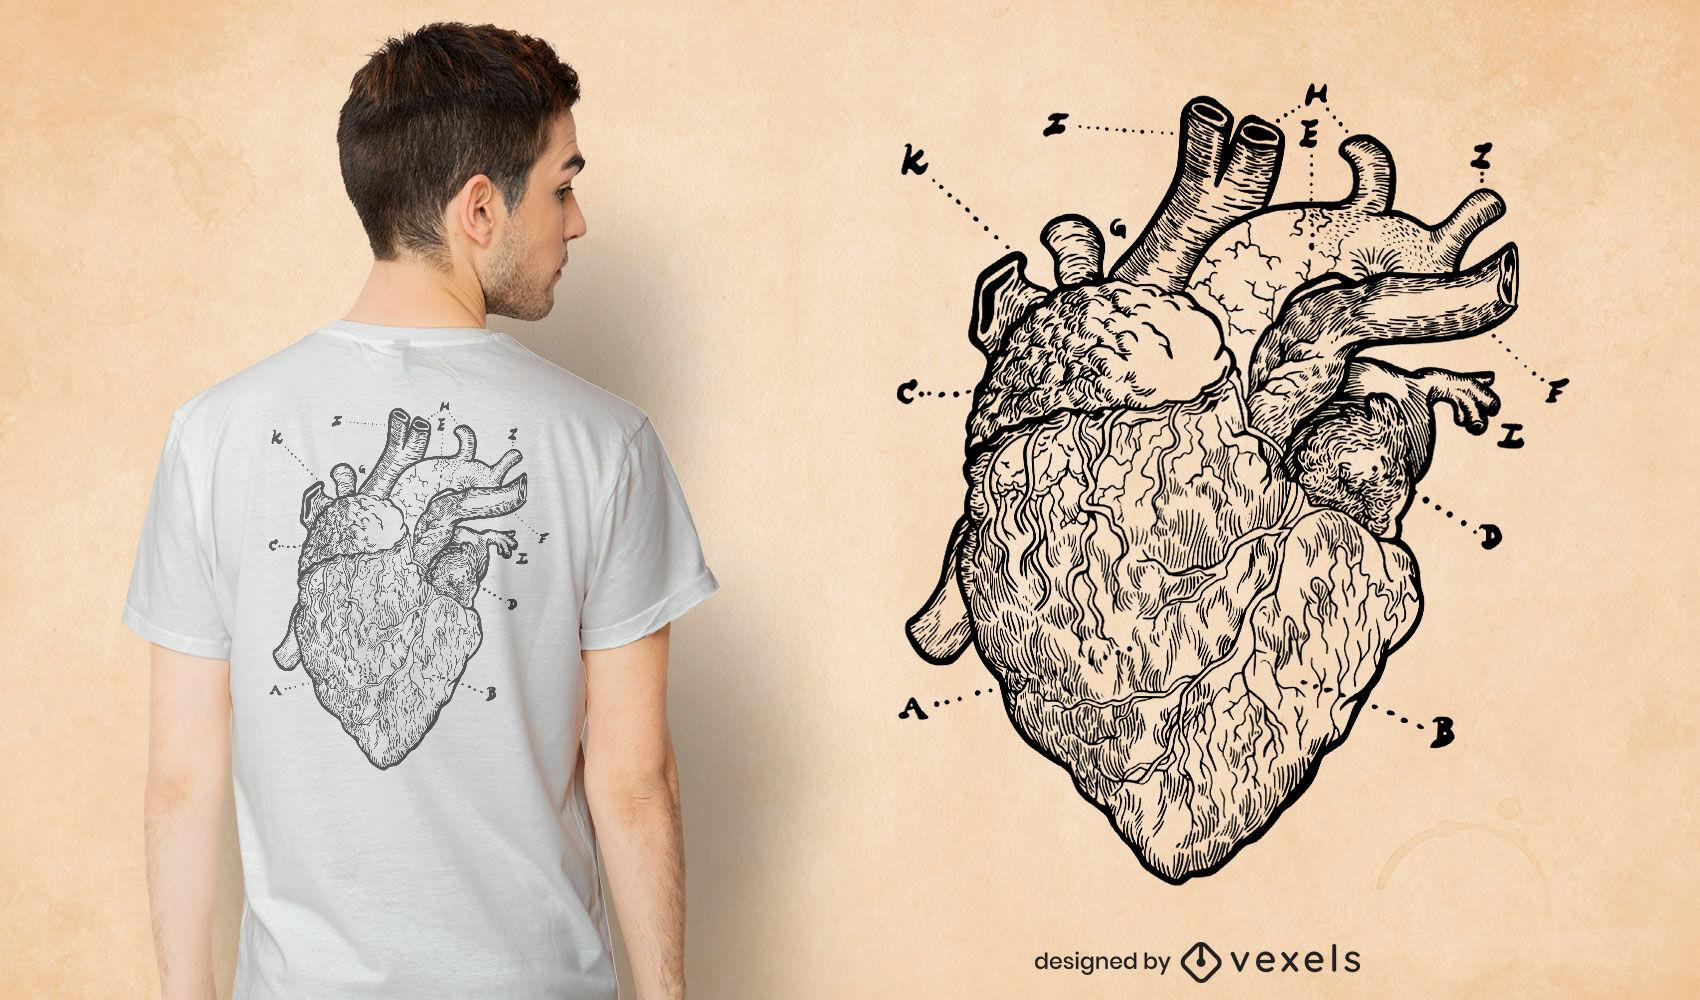 Diseño de camiseta con dibujo de corazón anatómico.